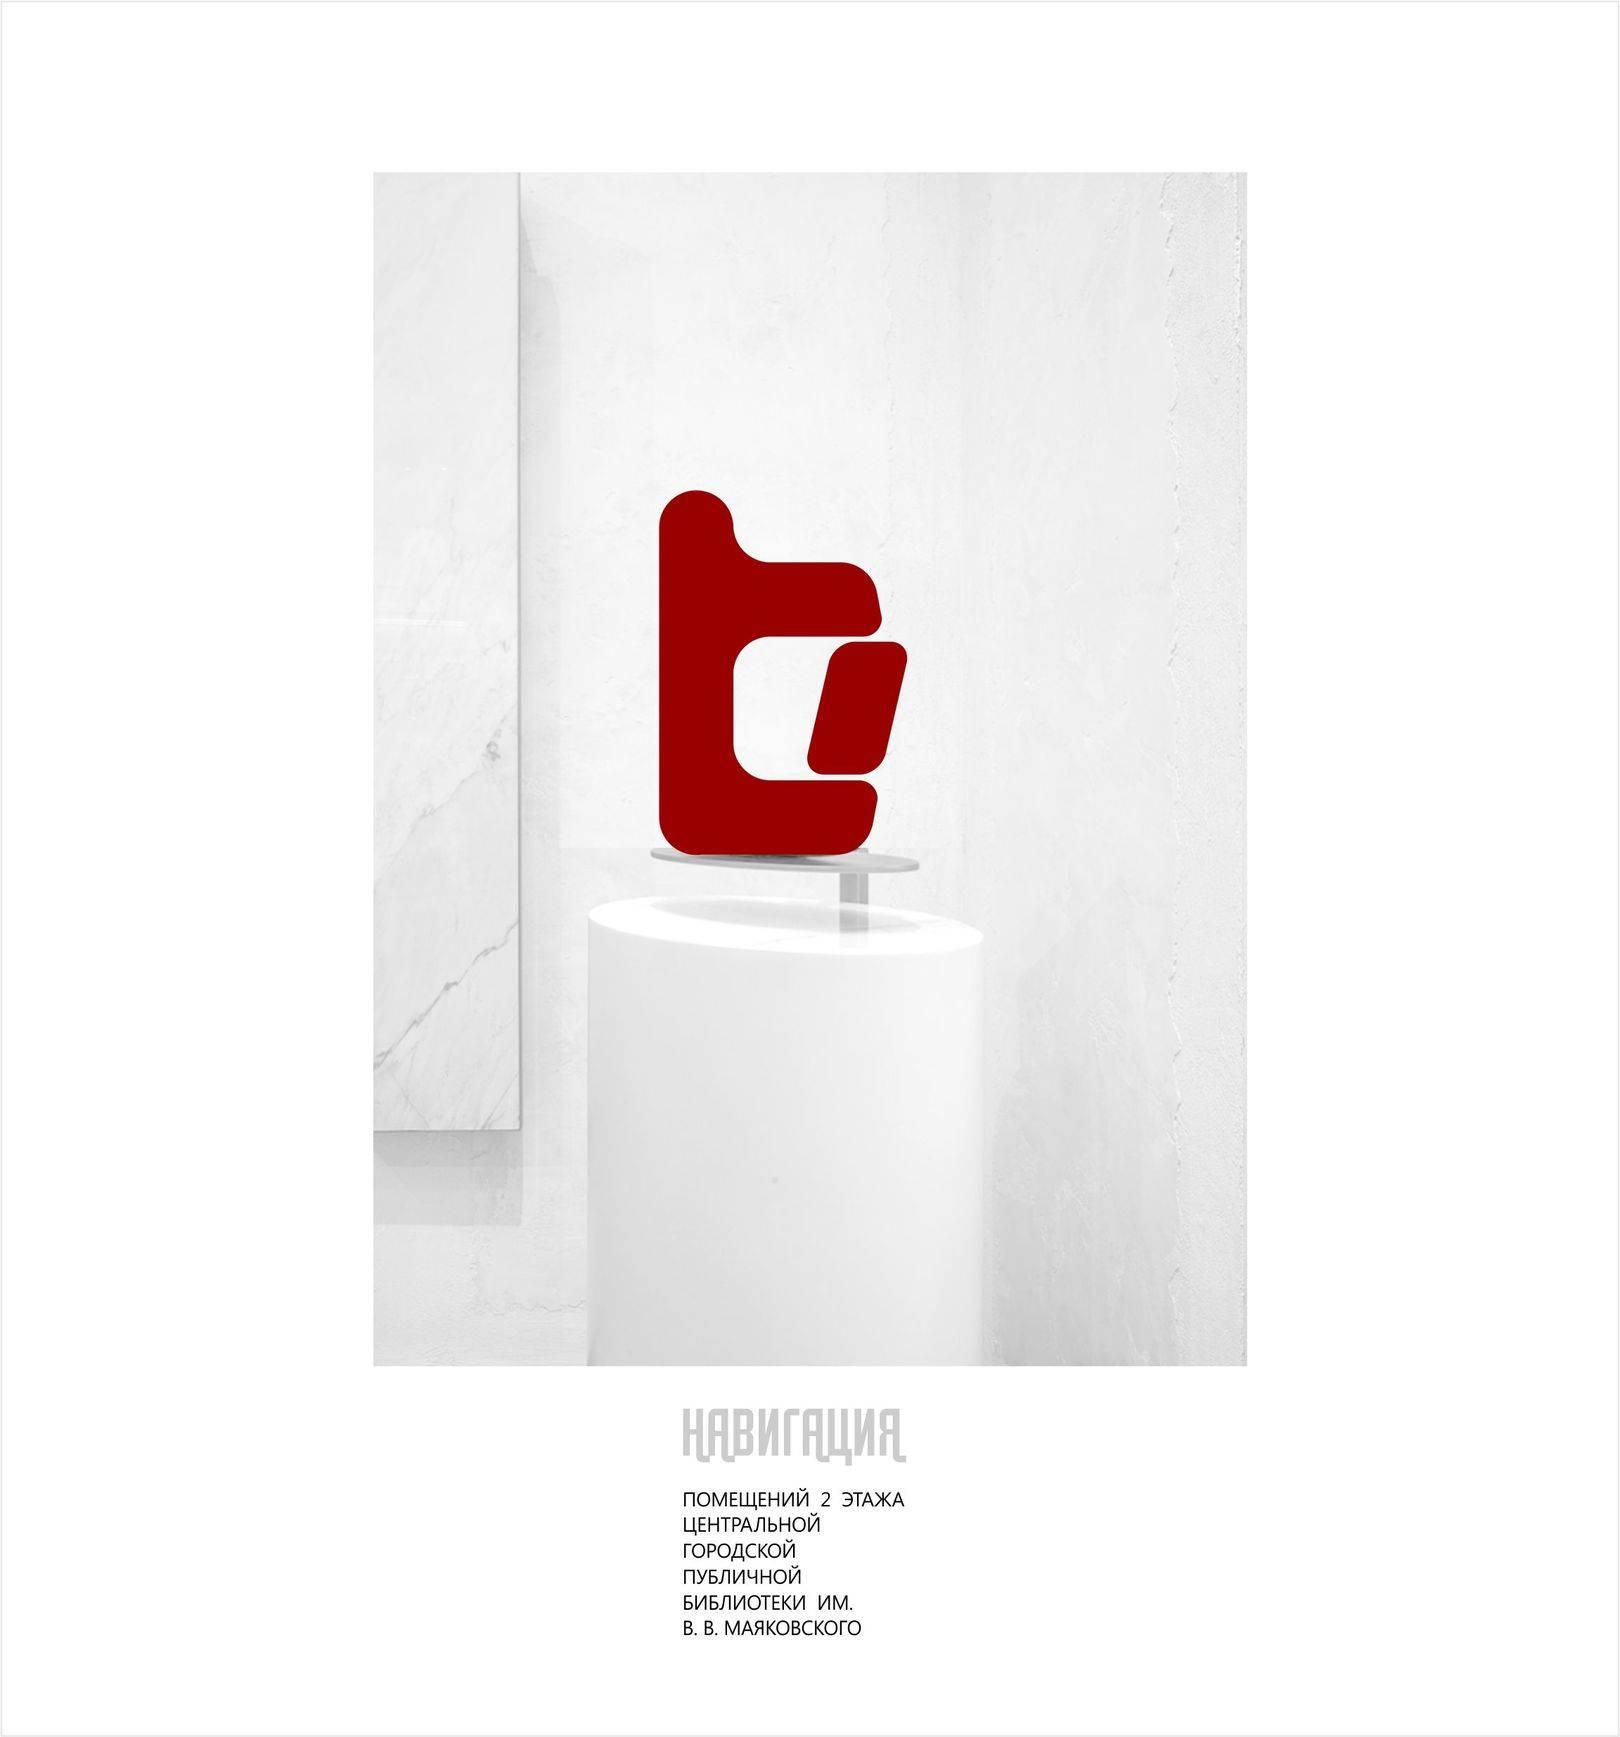 2018  СПб, лого  зал медиатеки  библиотеки им. В. Маяковского  © belyan.design.studio